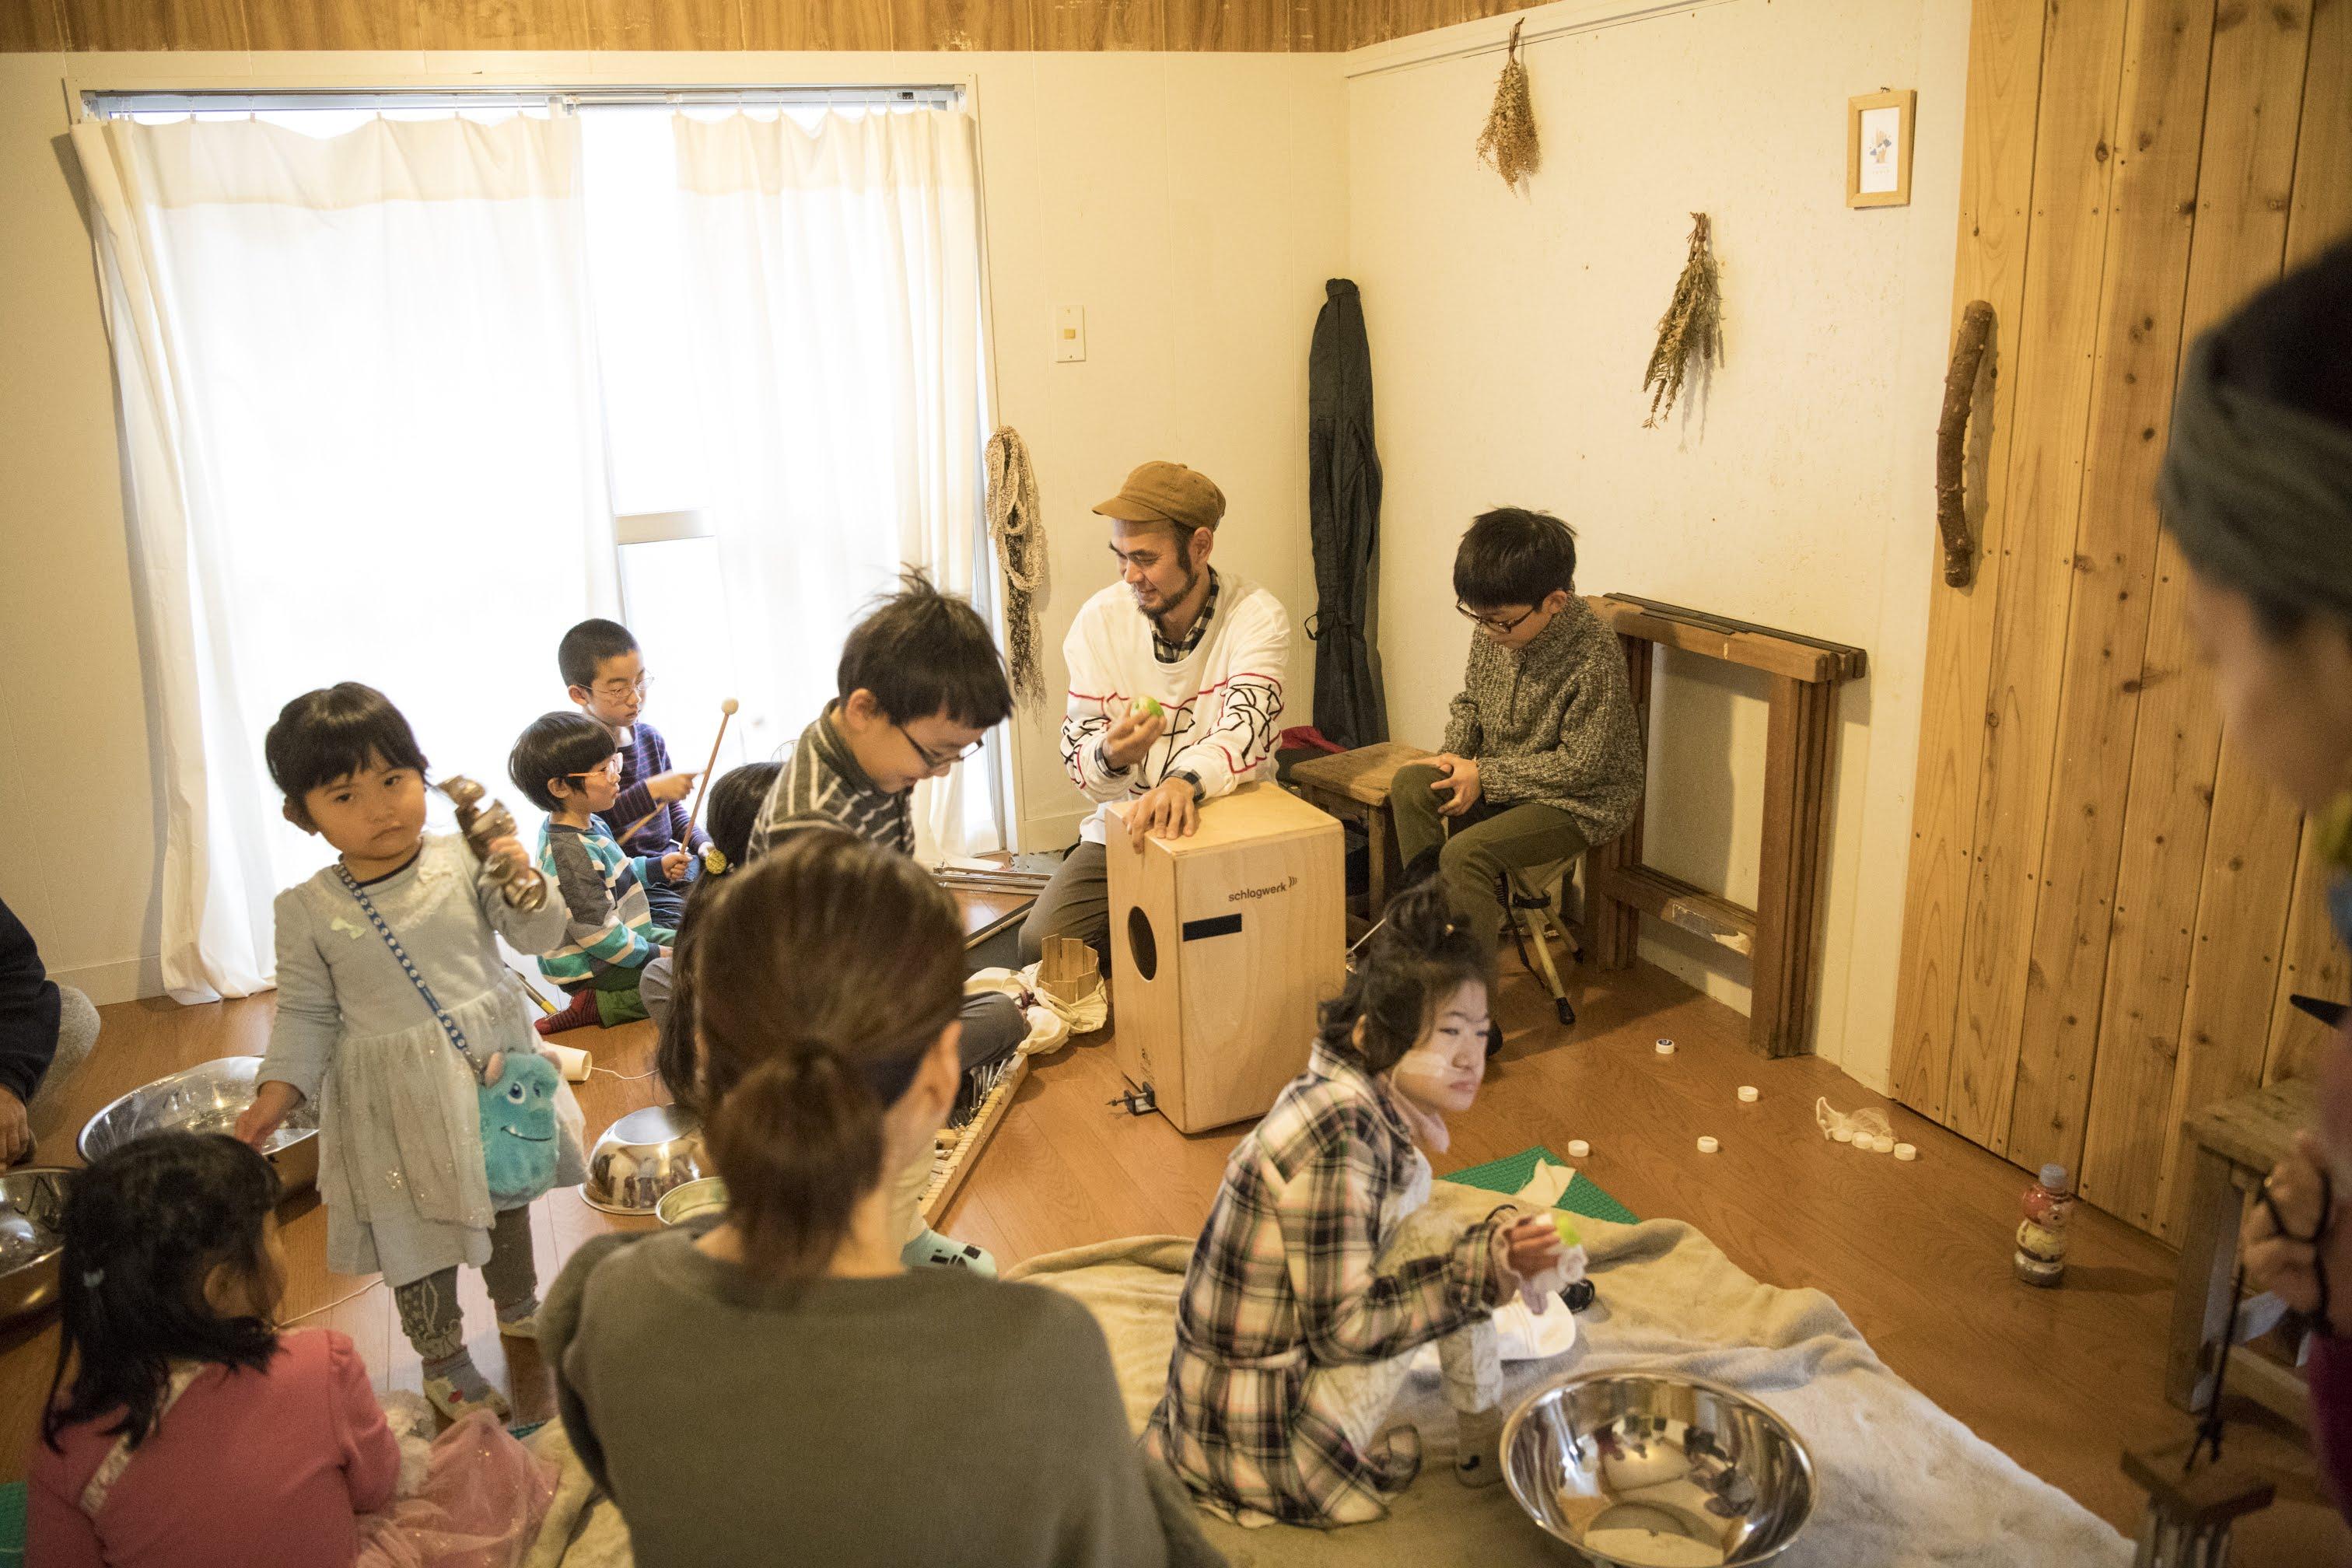 【当日レポート】多目的打楽器で演奏会!さまざまな楽器に触れて楽しむおやすみ